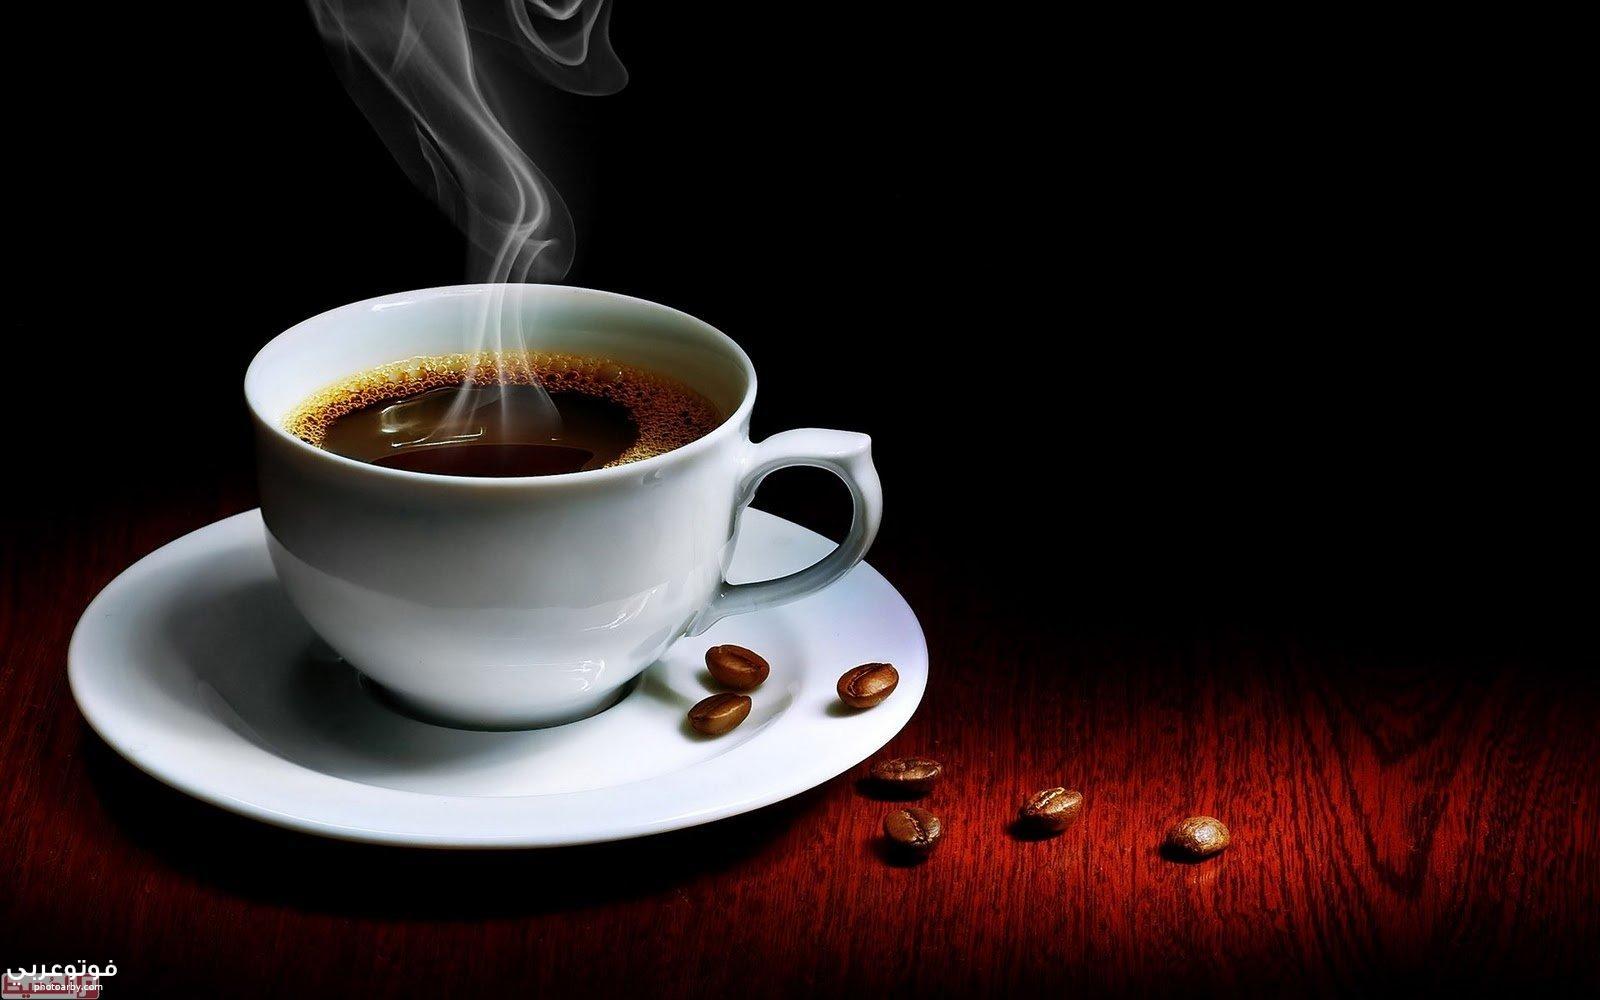 صور خلفيات فنجان قهوة عربية 2021 جمل فنجان قهوة